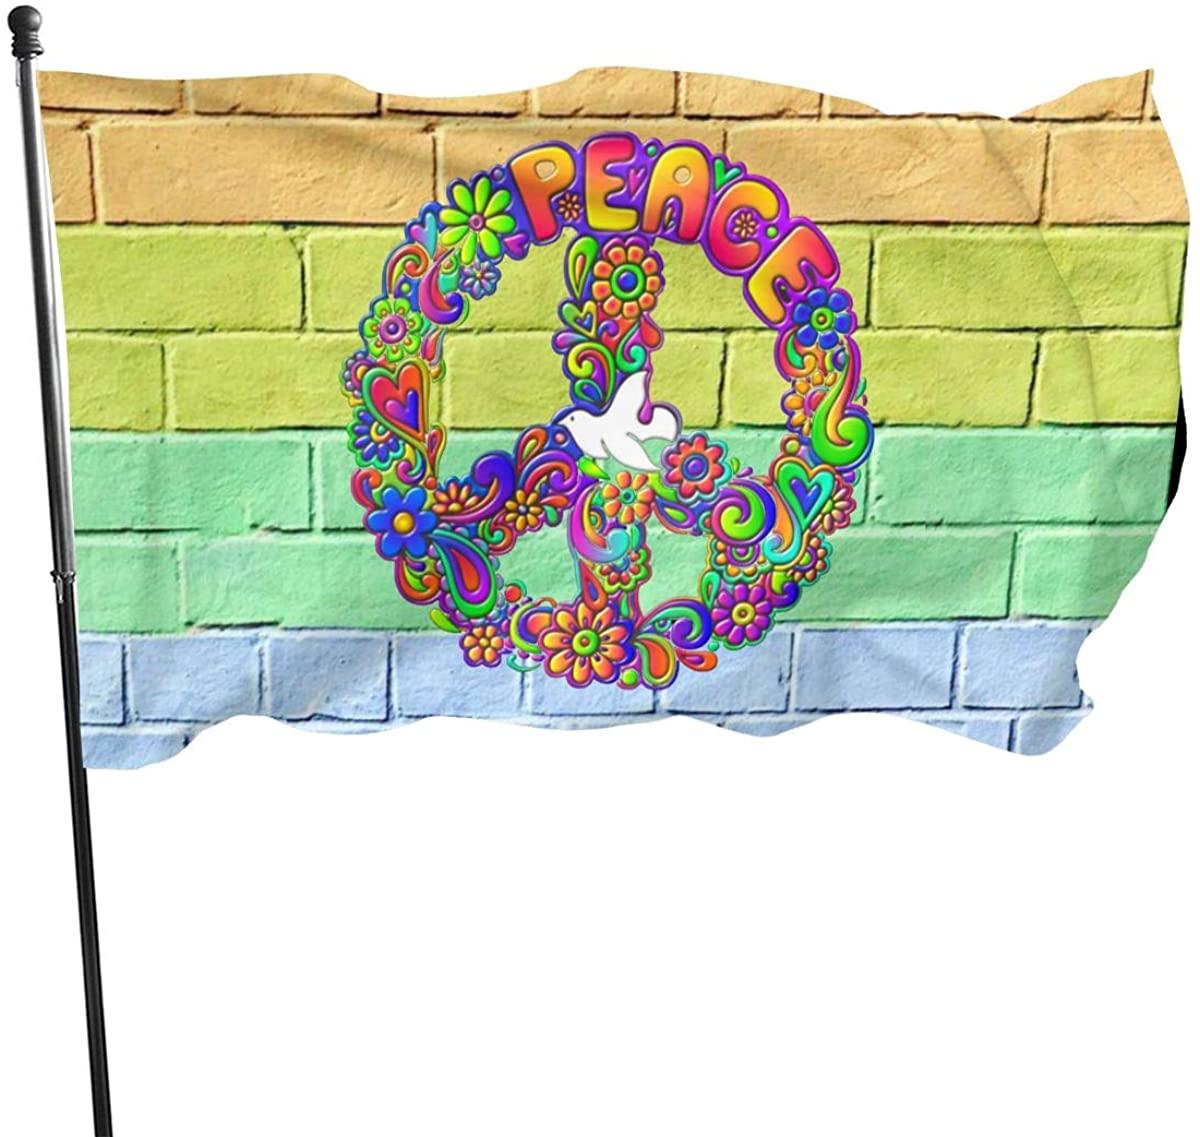 Hippie Flower Power Peace Sign 3x5 FT American Flag, Outdoor Banner, Family Banner, Garden Banner Black